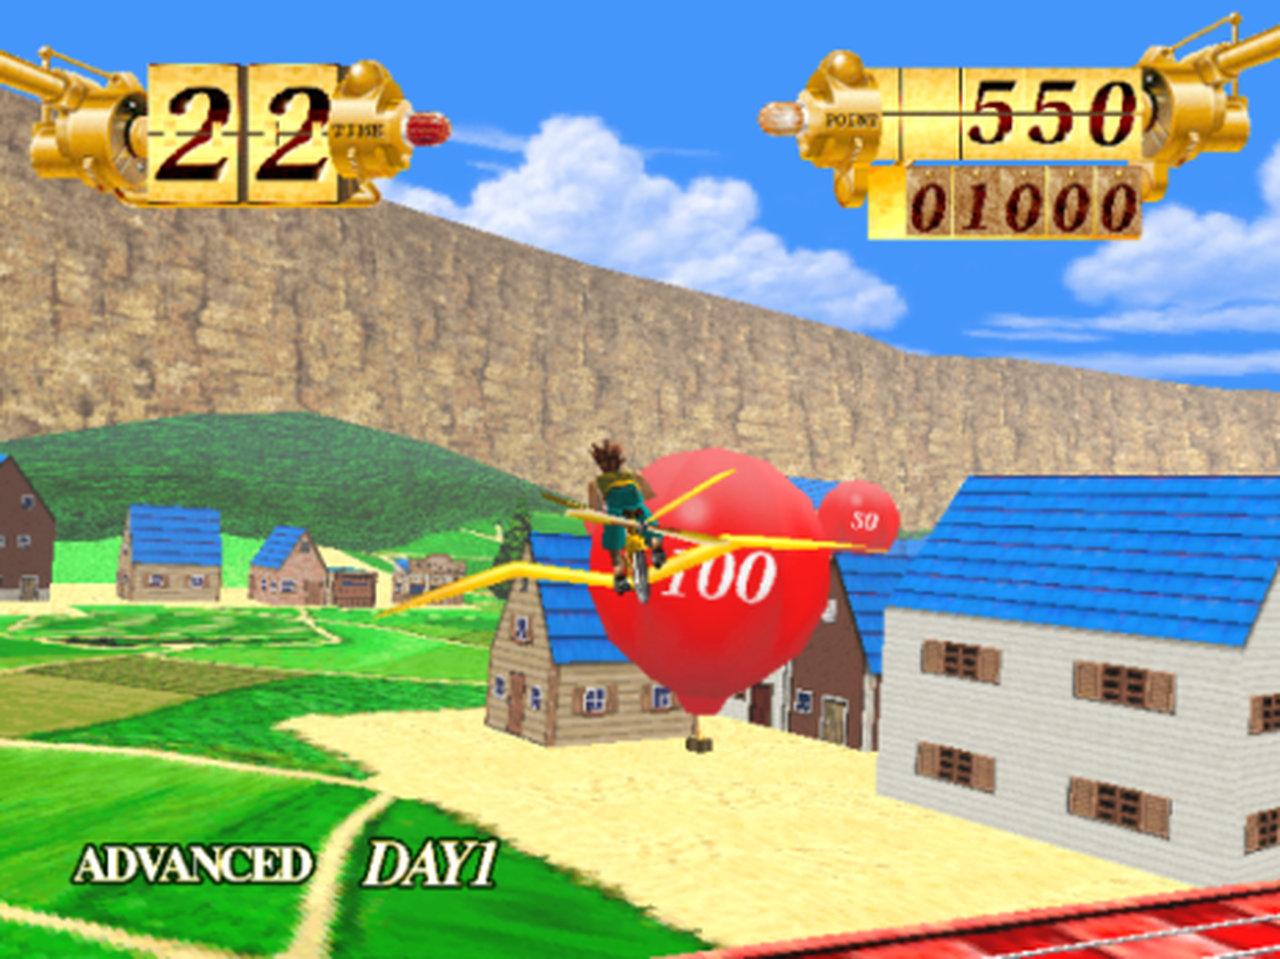 Bei Prop Cycle wurden Ballons zum Platzen gebracht, indem man durch sie hindurch flog. (Bild: Namco)